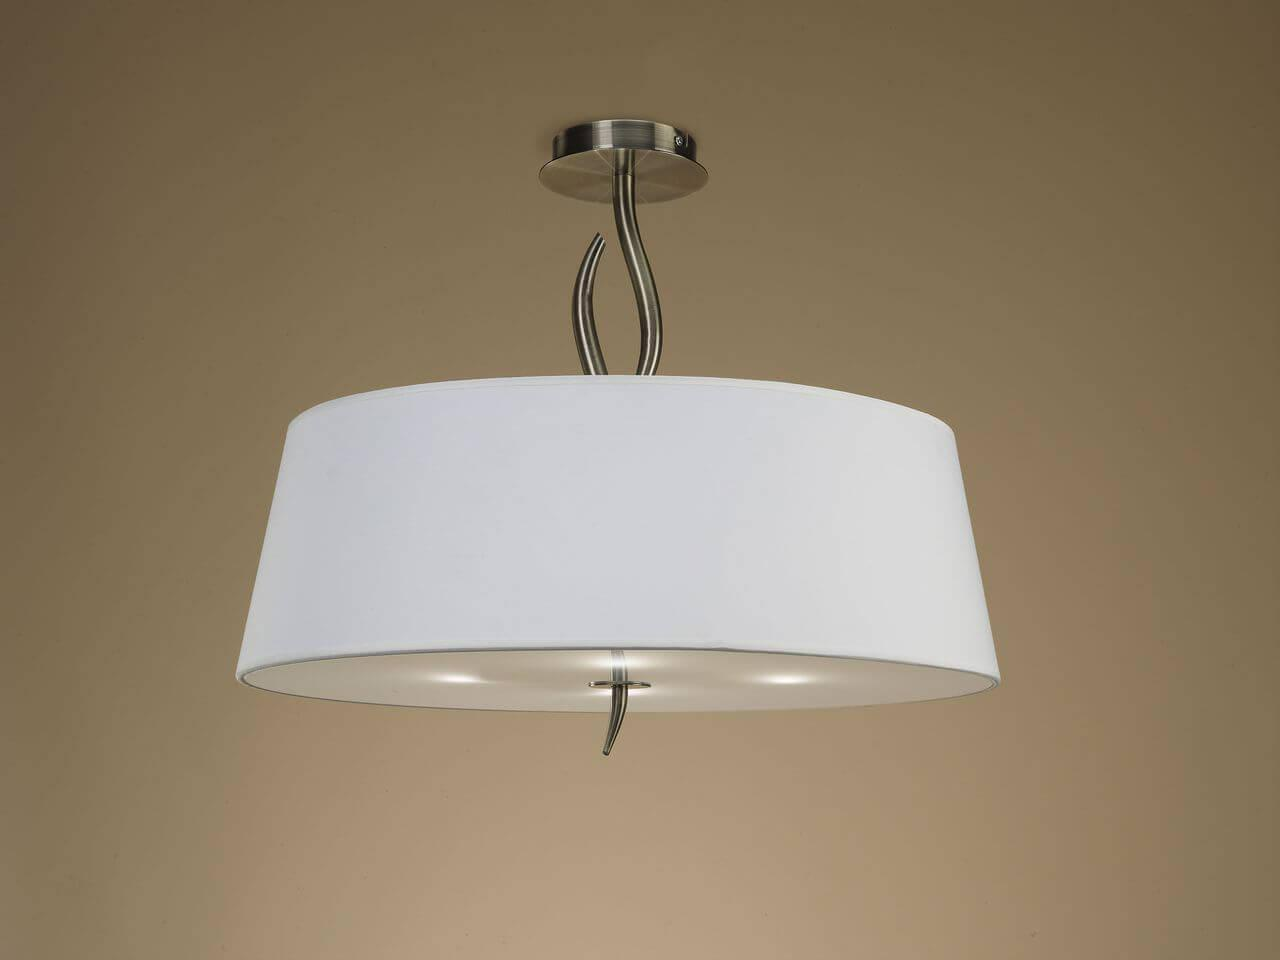 Потолочный светильник Mantra 1928, E27, 20 Вт цена